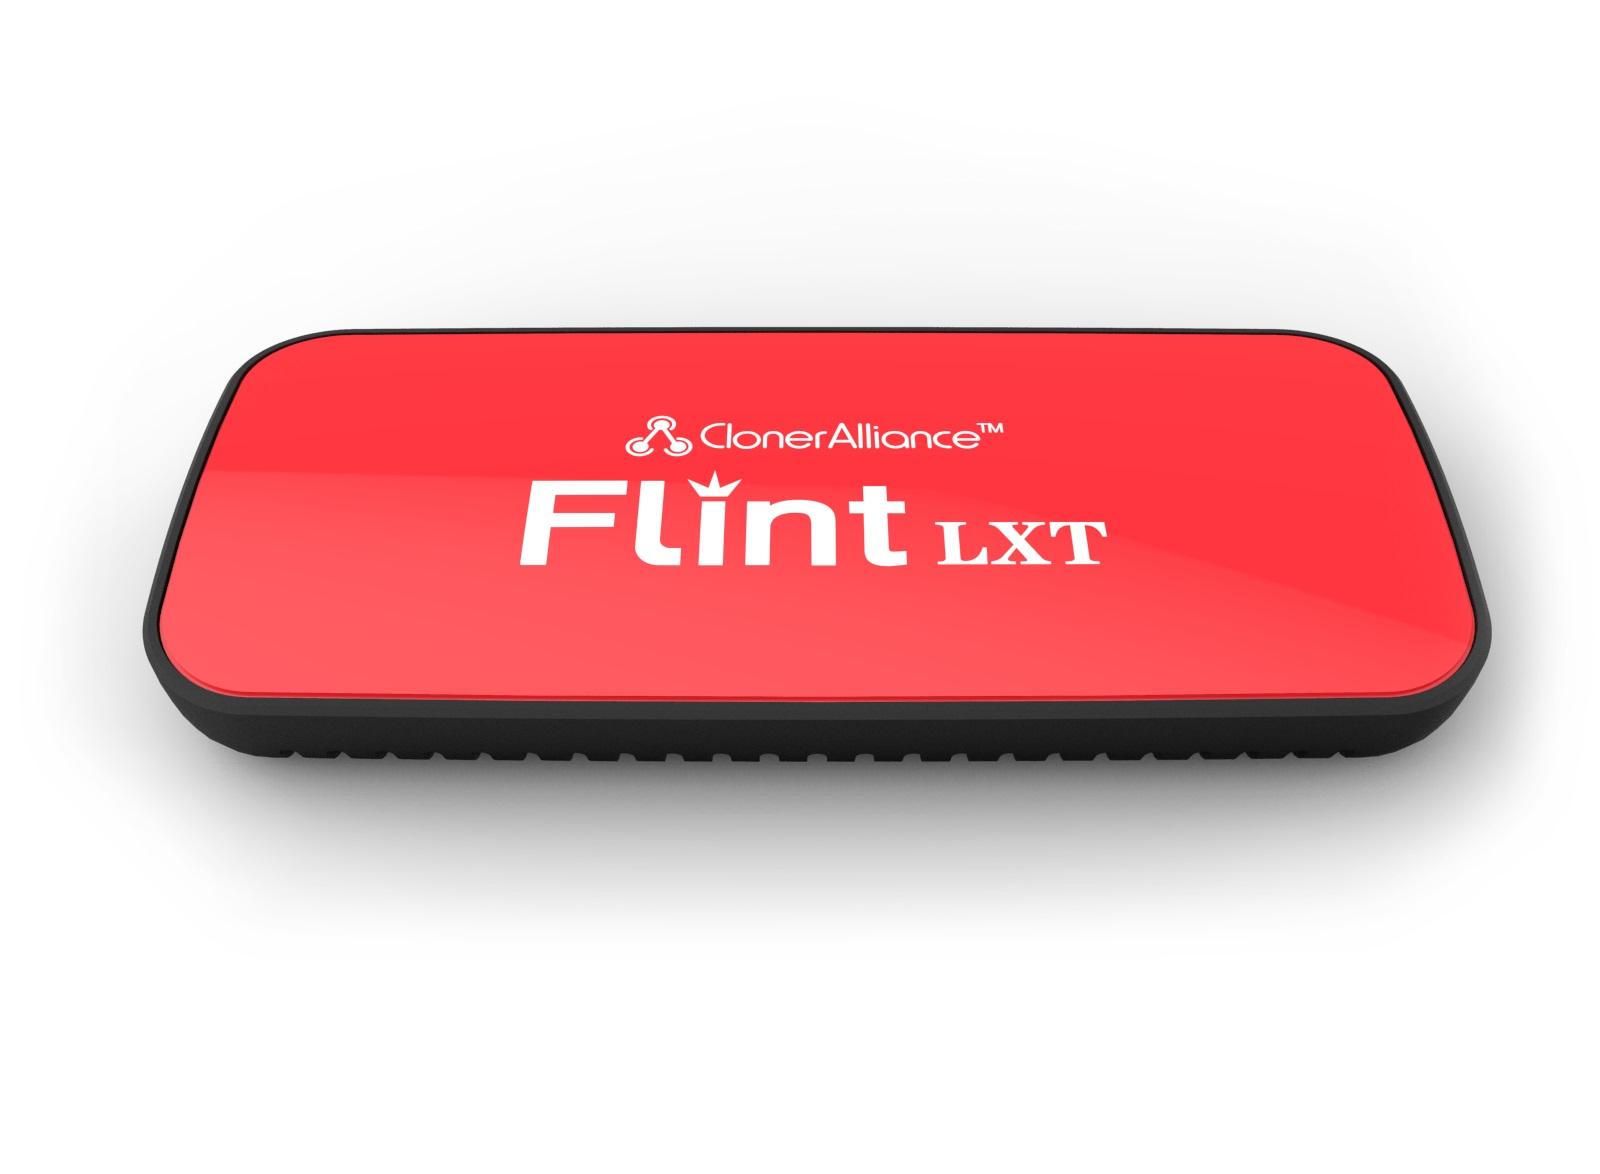 Flint_LXT